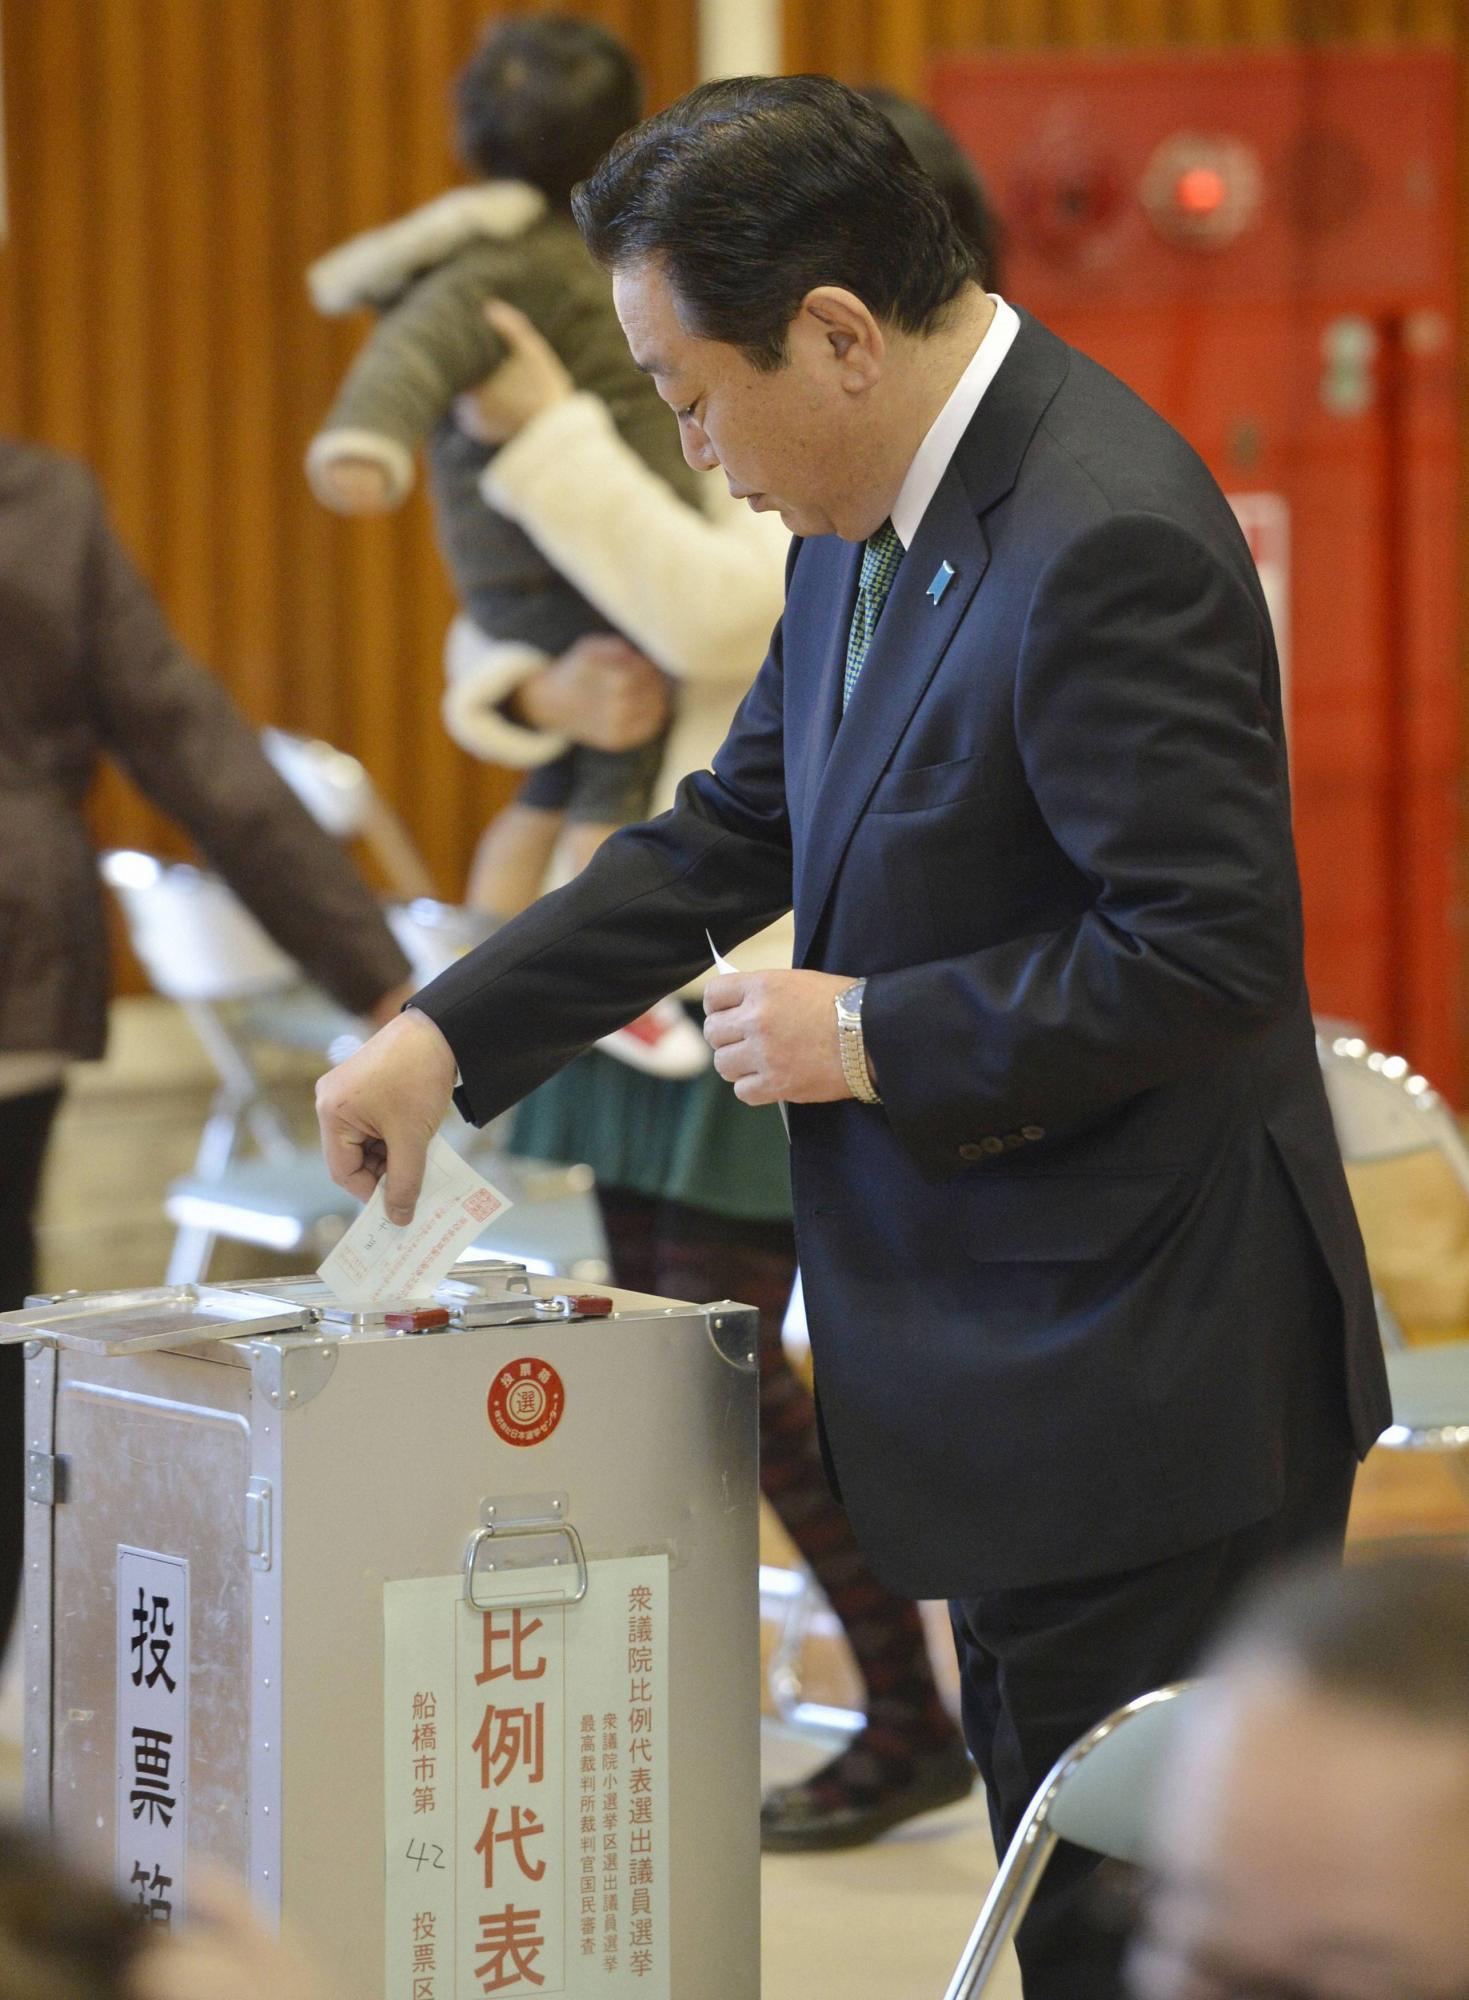 日本 田佳彦/12月16日,日本民主党党首、首相野田佳彦在千叶县船桥市投票。